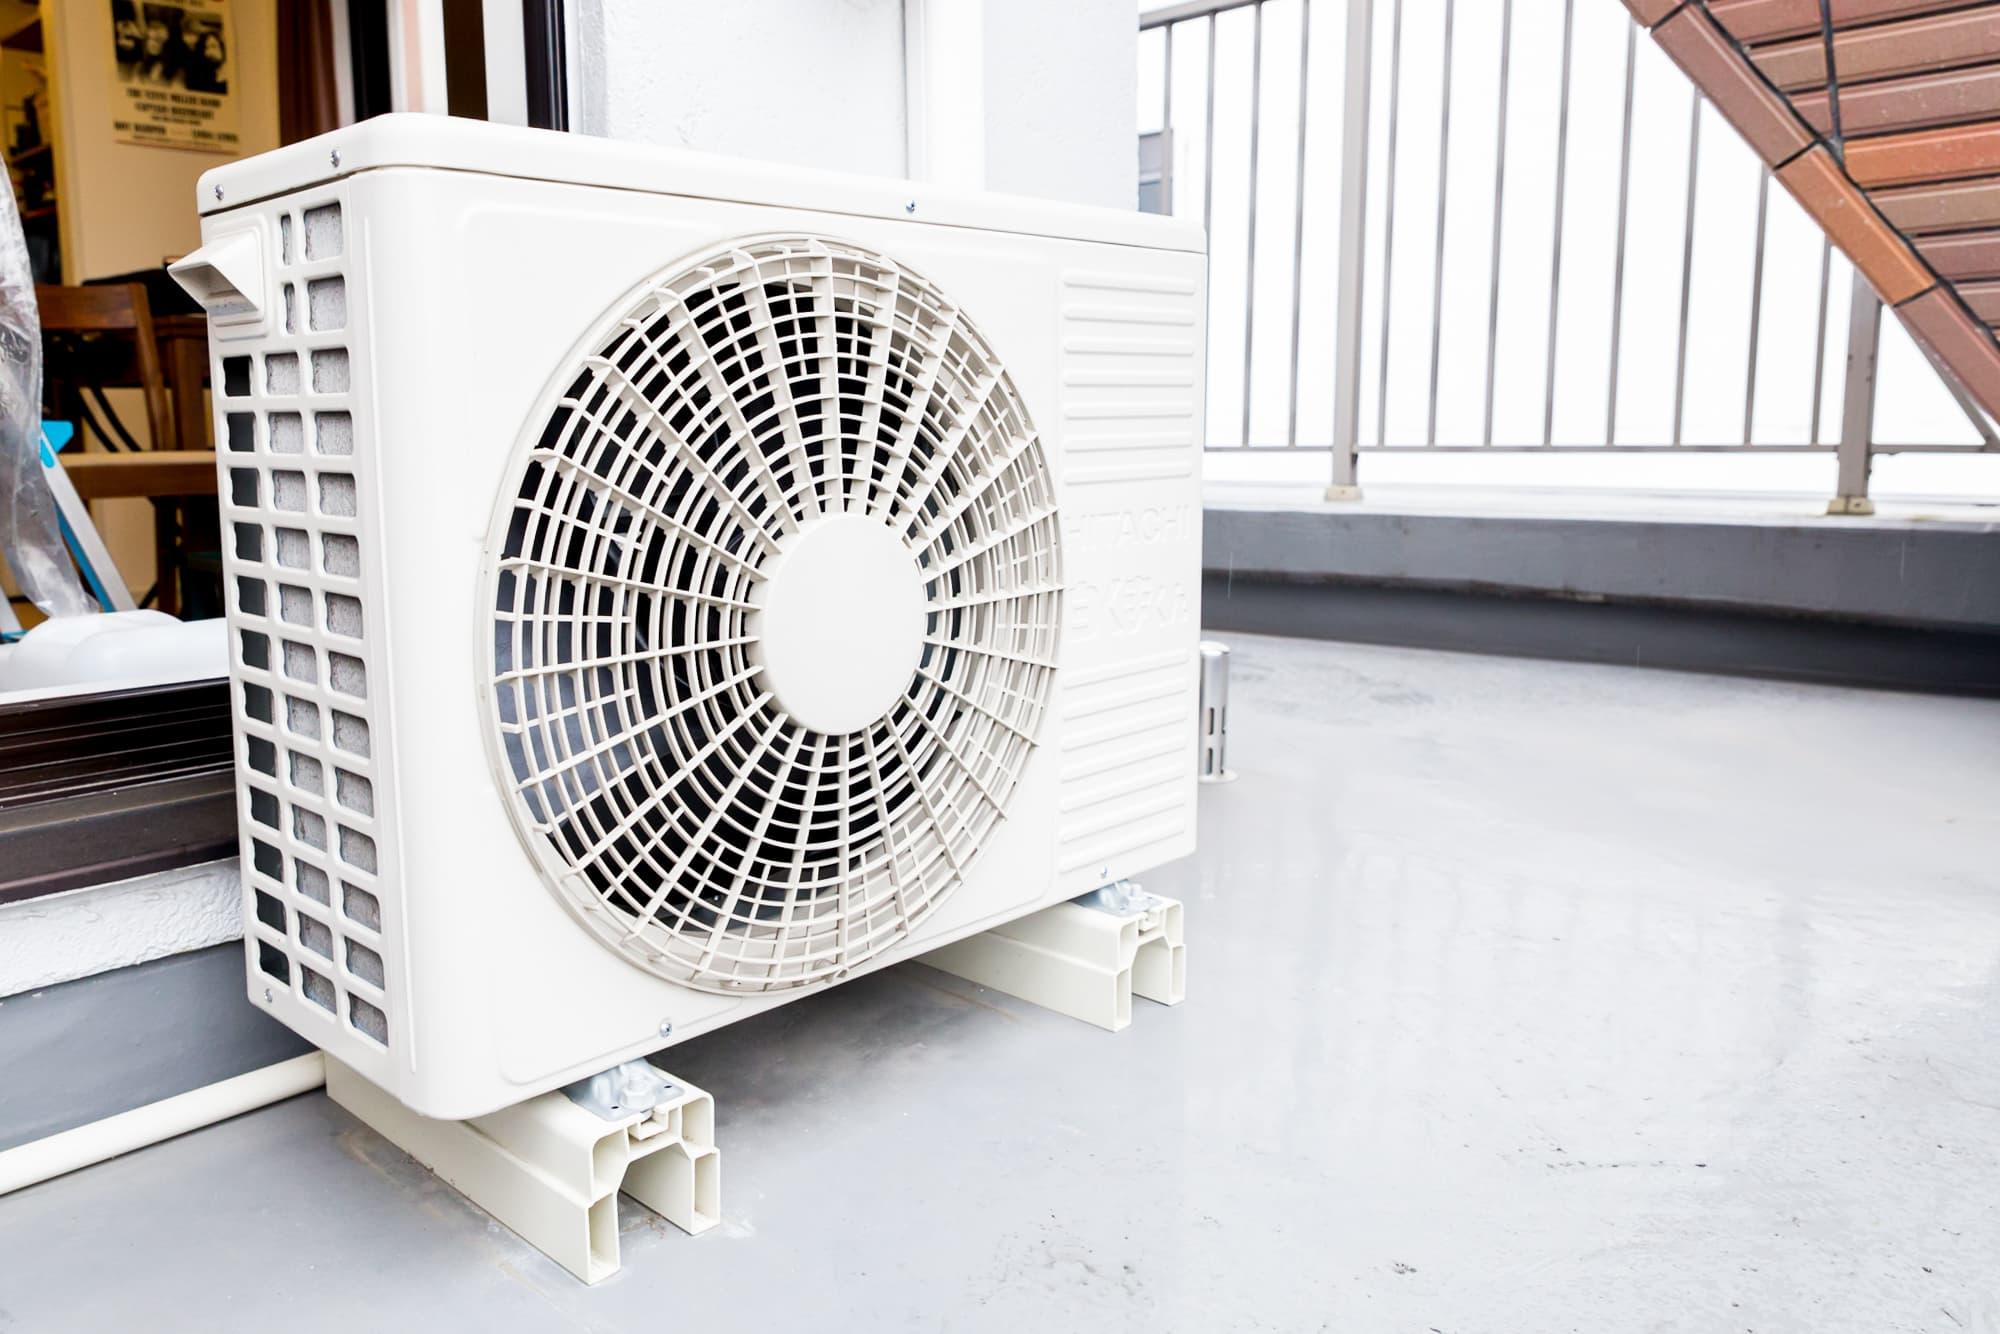 掃除 エアコン の 室外 機 エアコン室外機の掃除を自分でする方法を4ステップで紹介 【ファインドプロ】